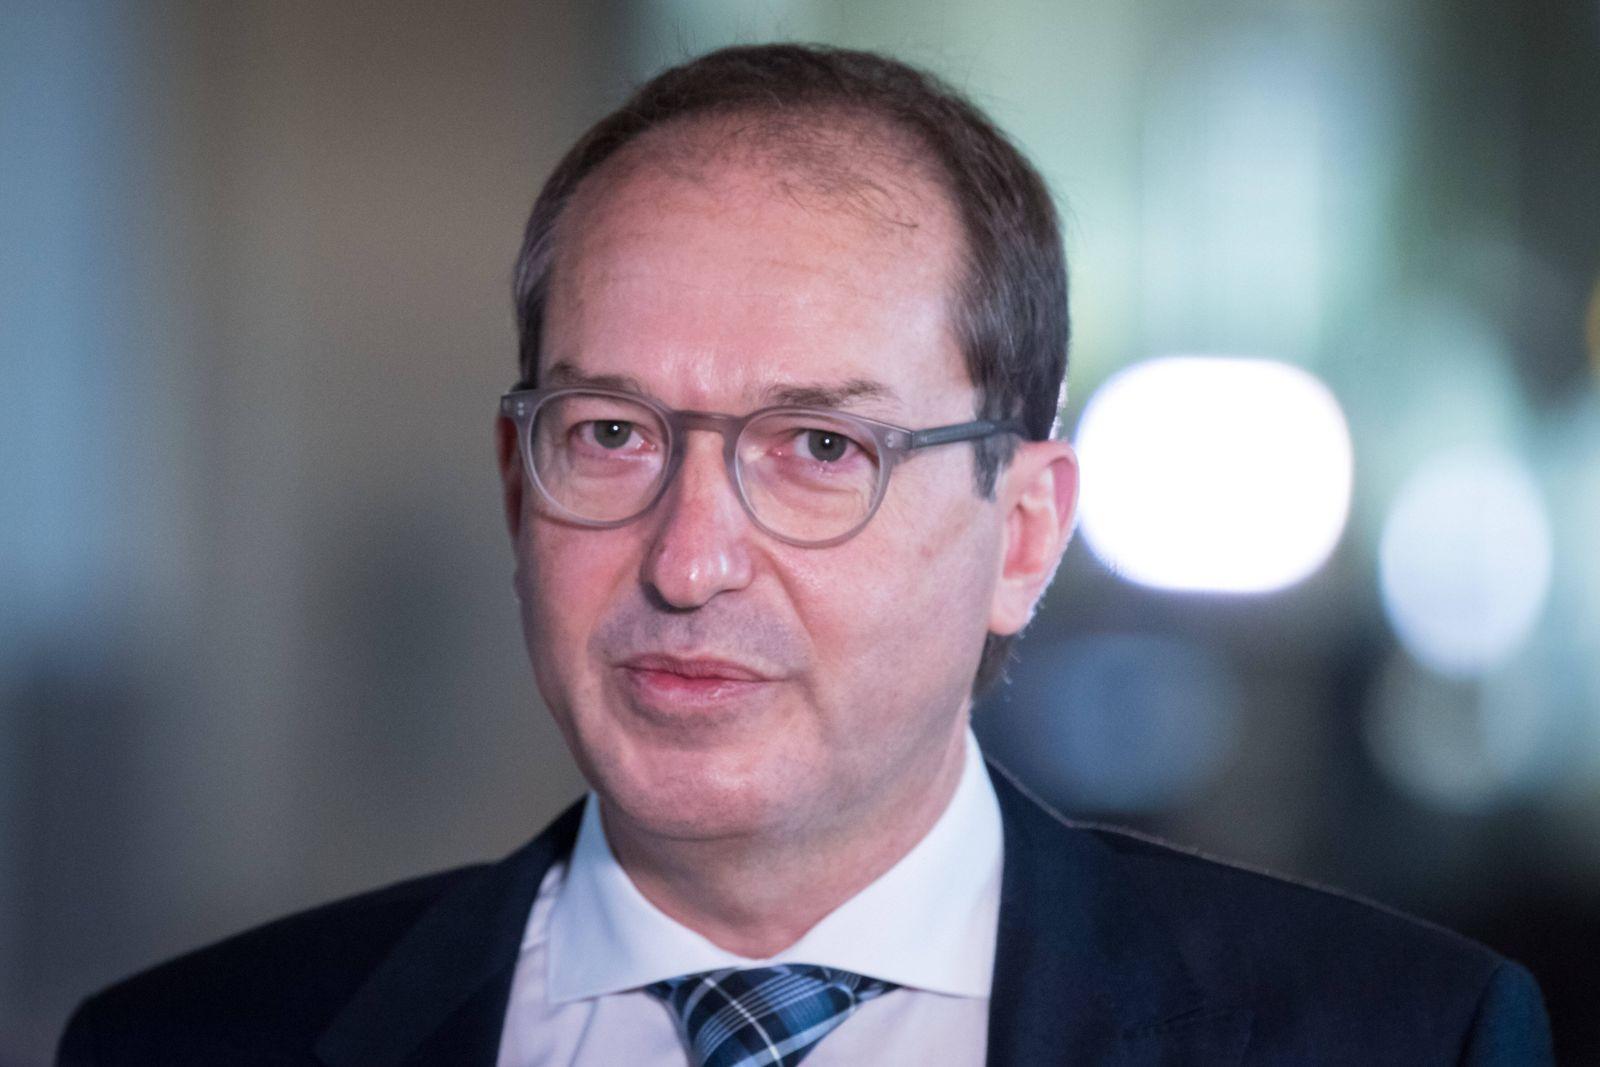 Berlin, Alexander Dobrindt im Interview im Bundestag Deutschland, Berlin - 05.11.2020: Im Bild ist Alexander Dobrindt (